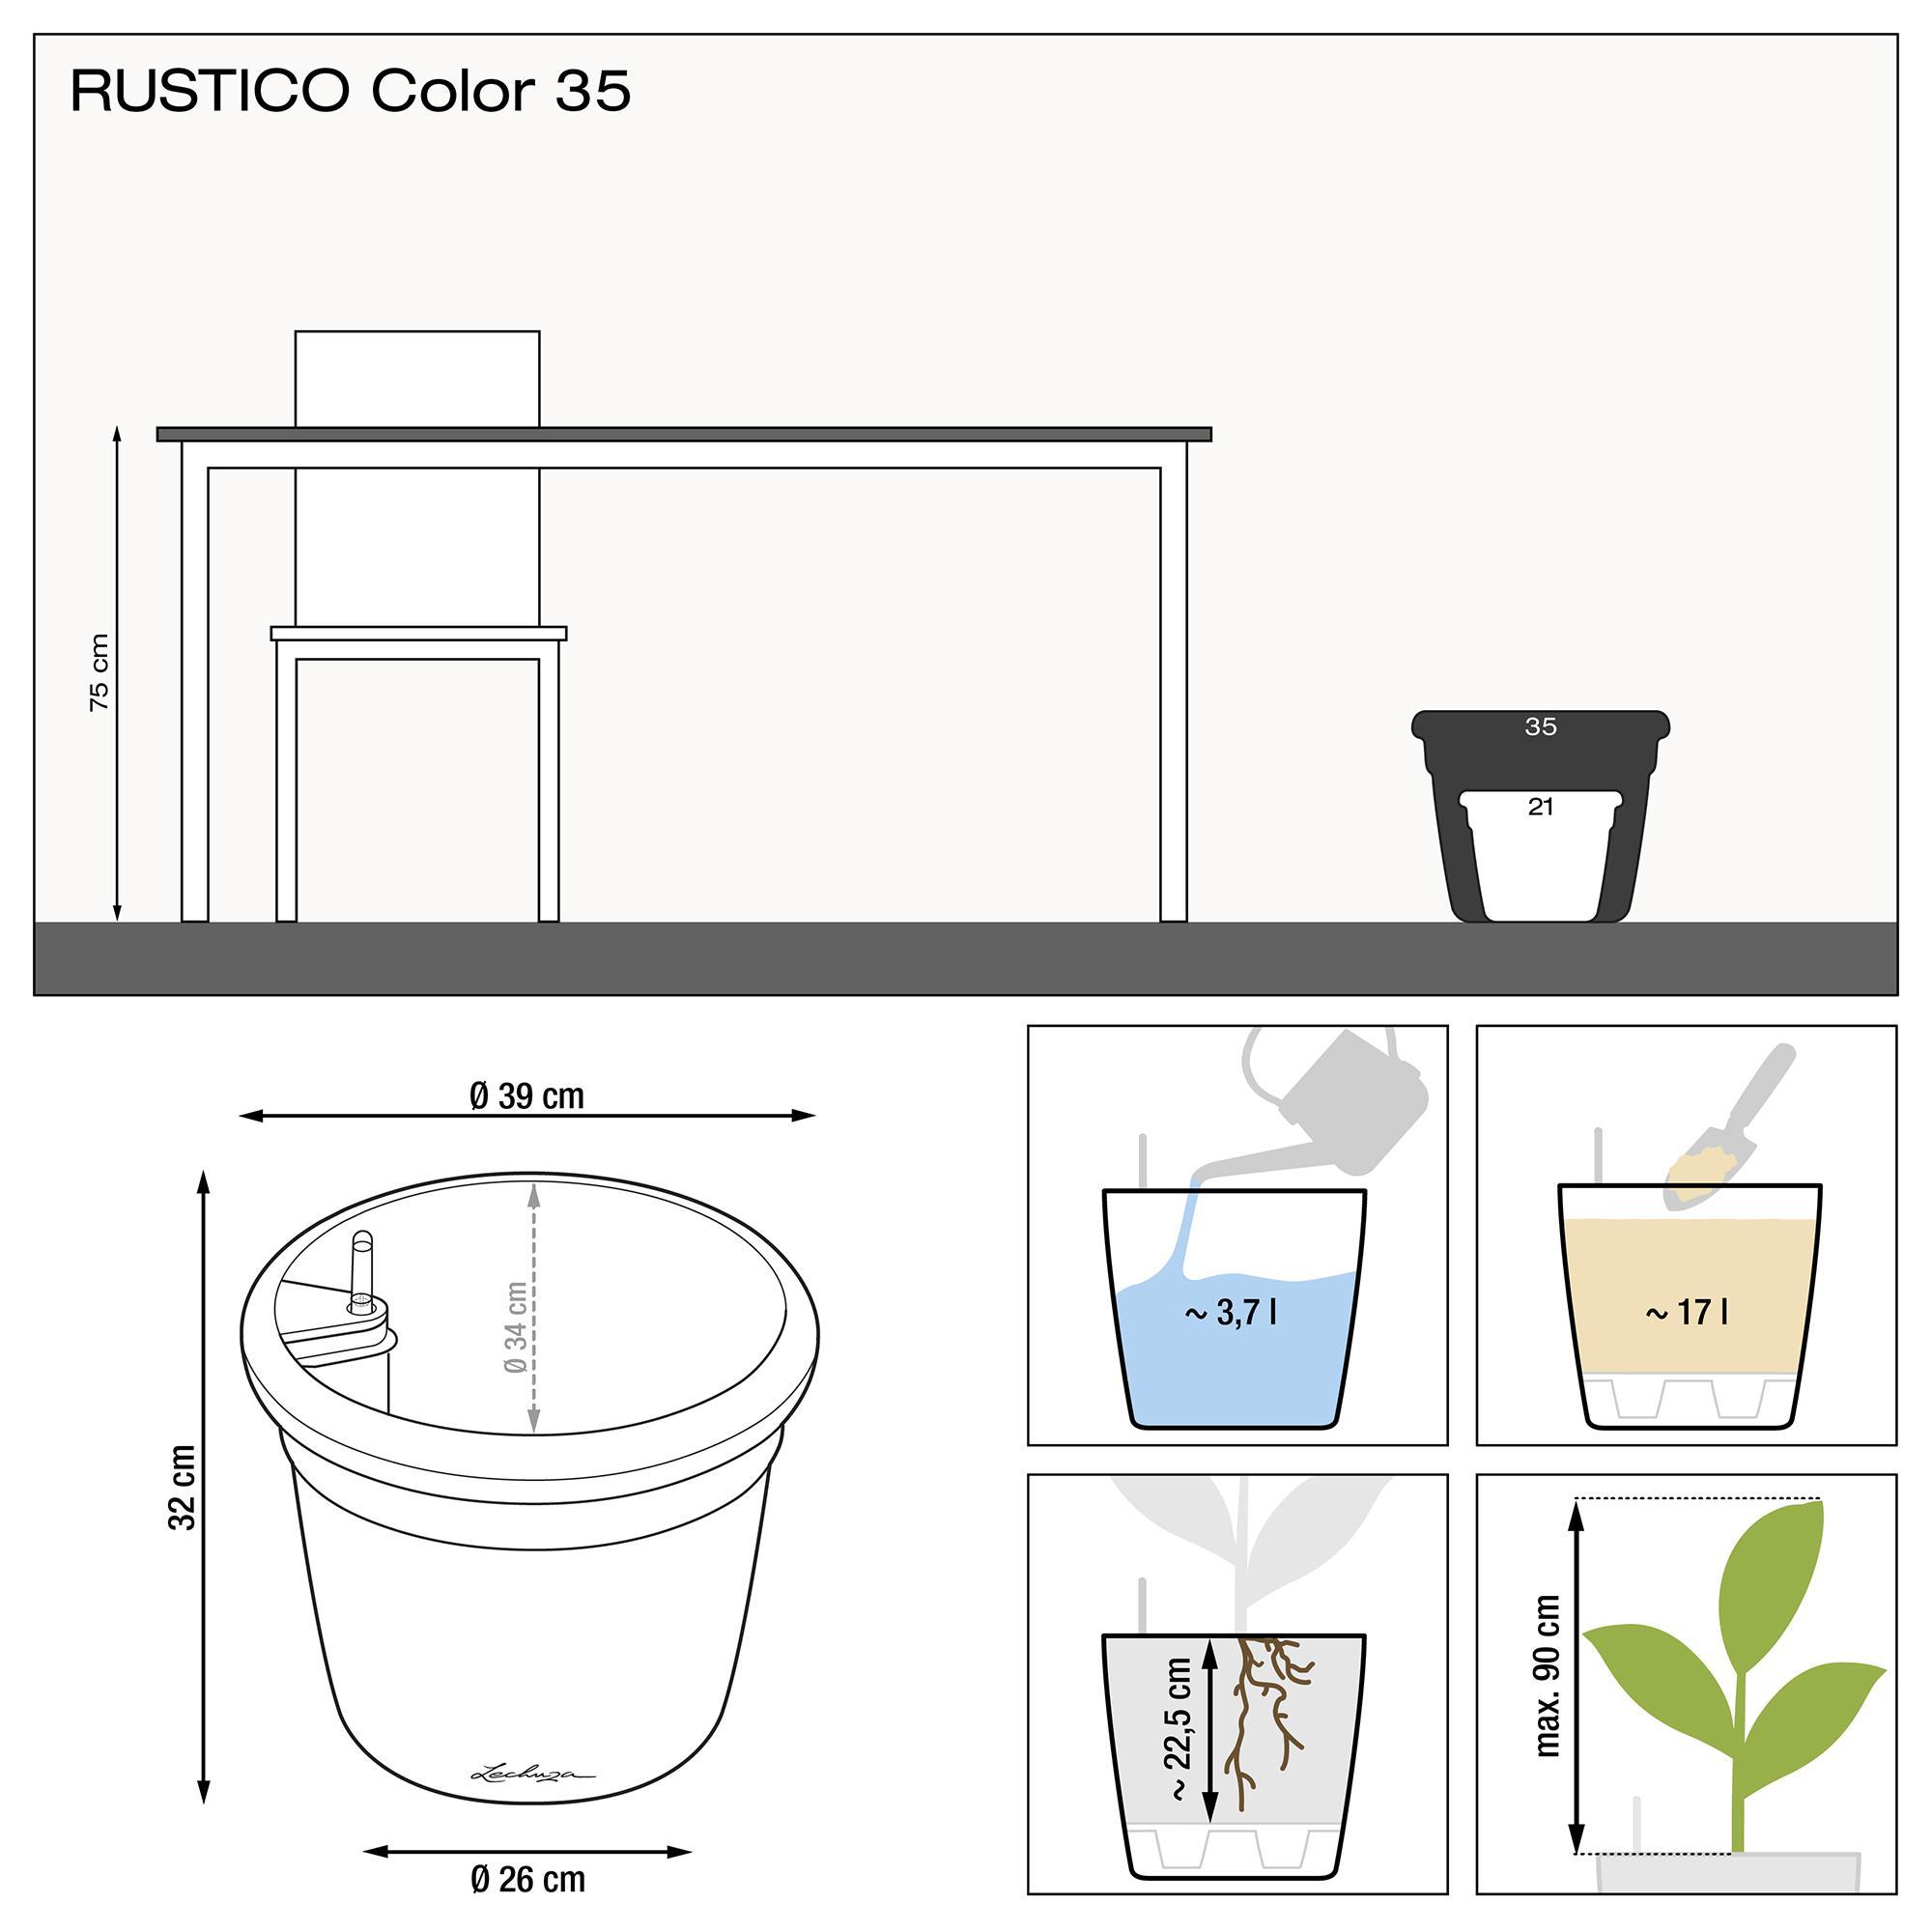 RUSTICO Color 35 white - Image 2